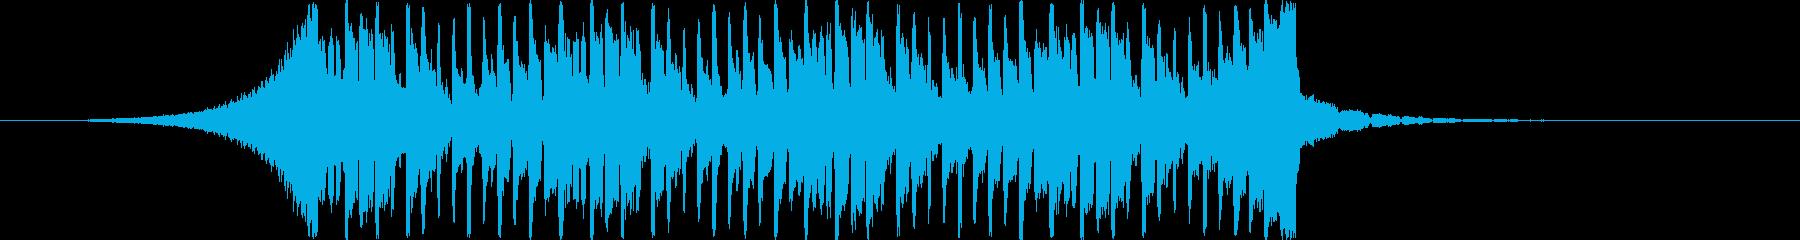 【爽やか】爽快でハッピーな雰囲気のBGMの再生済みの波形